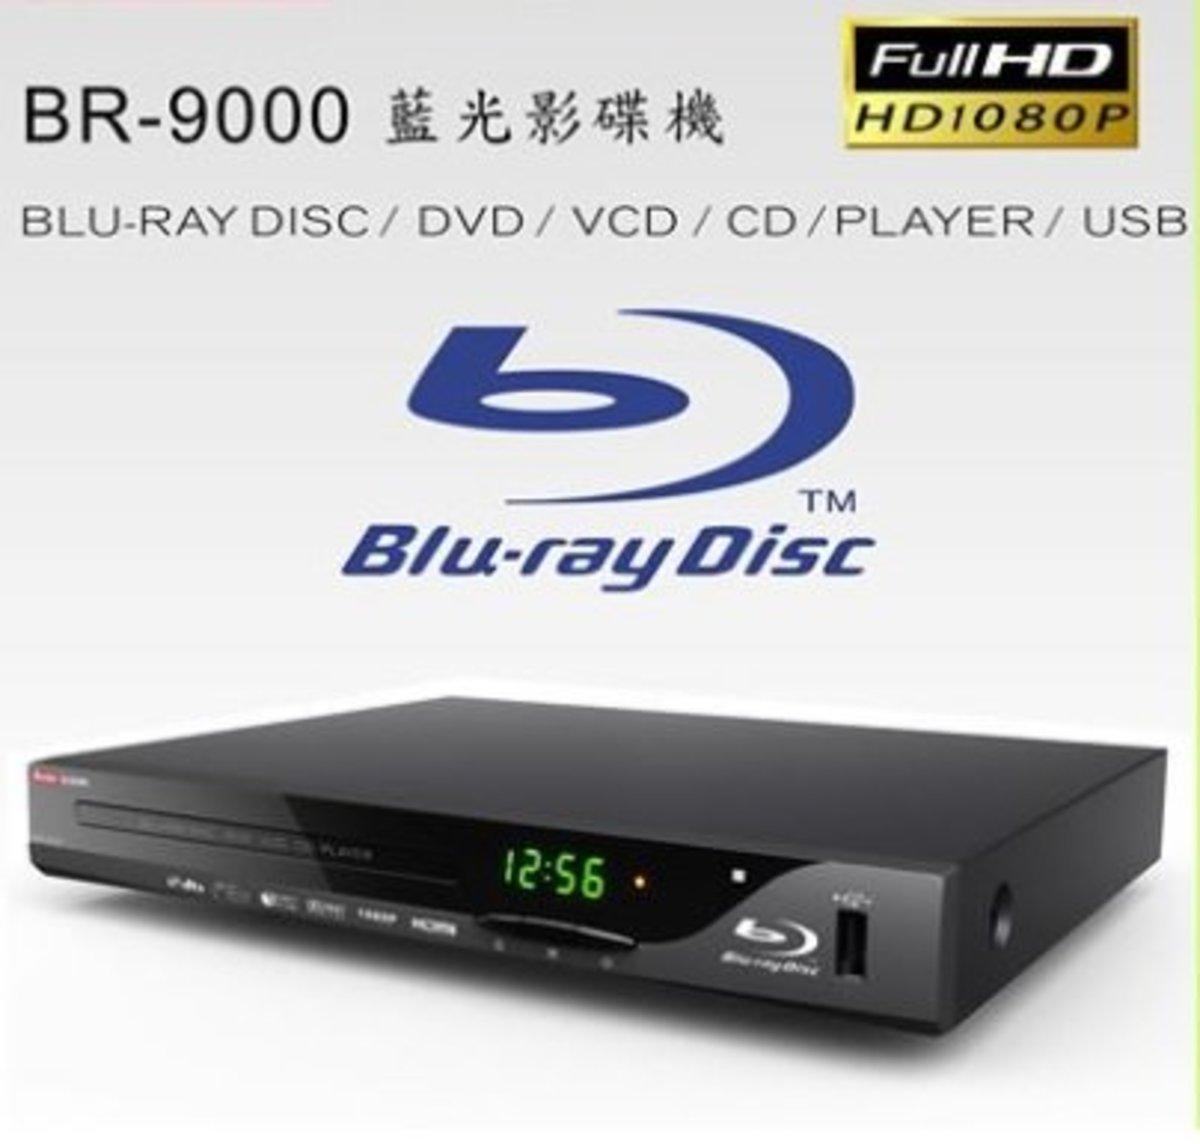 Korea BR-9000 Blu-ray player